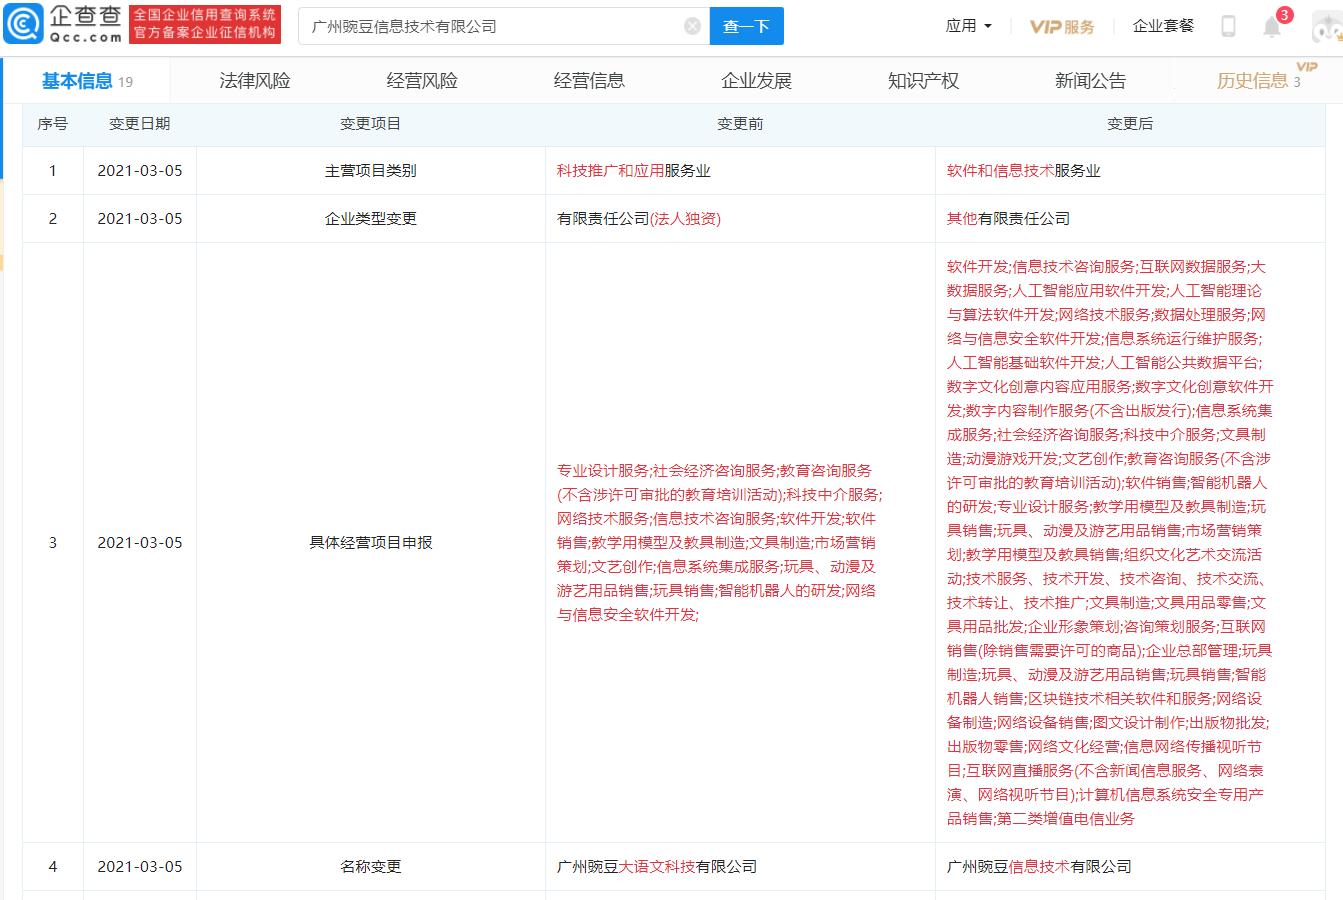 """豌豆思维关联企业经营范围新增""""人工智能应用软件开发""""等"""